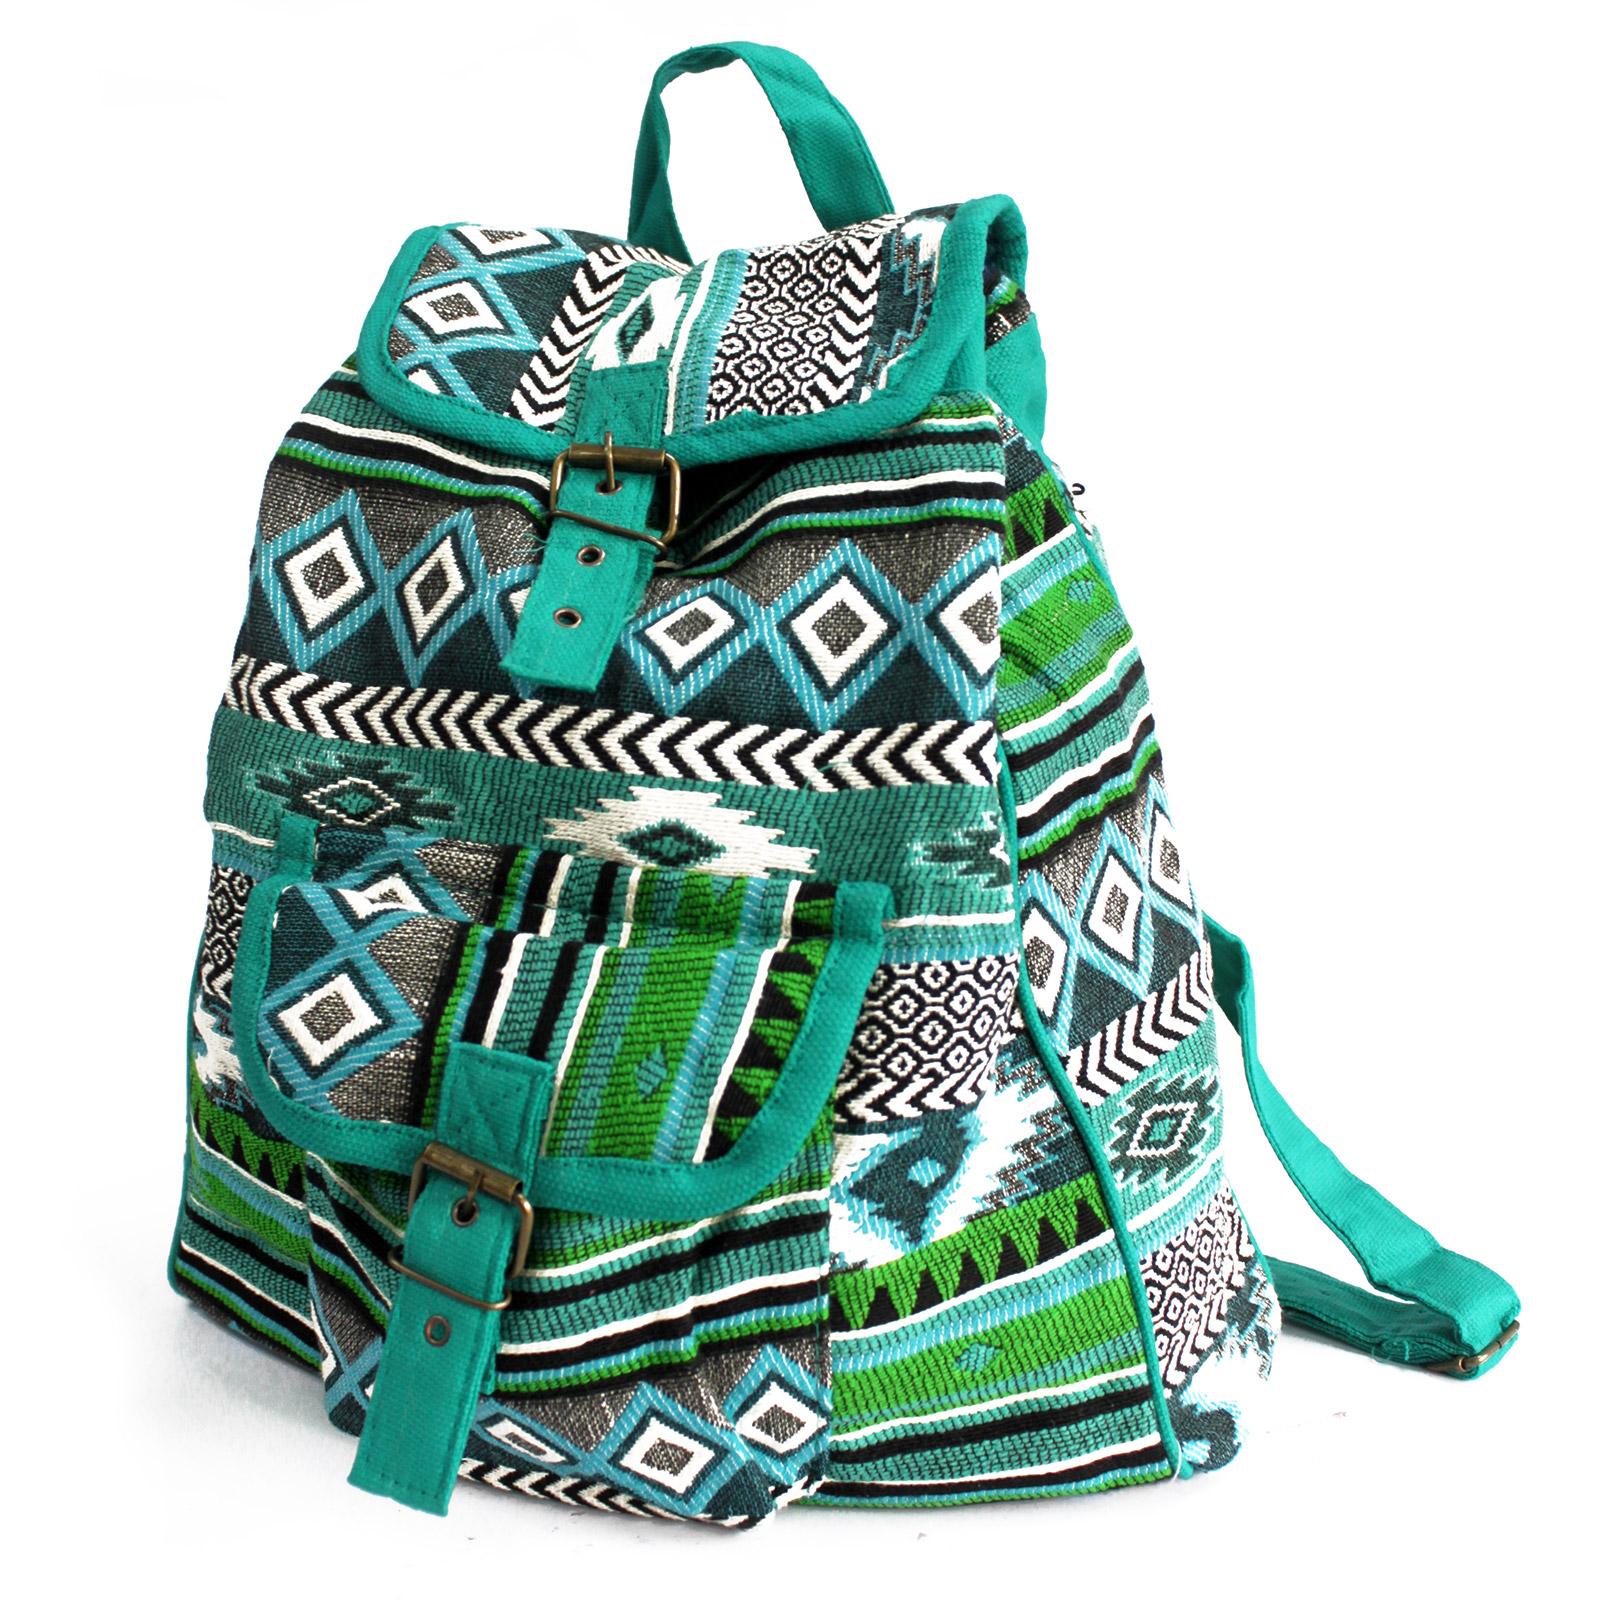 Jacquard Bag - Teal Backpack